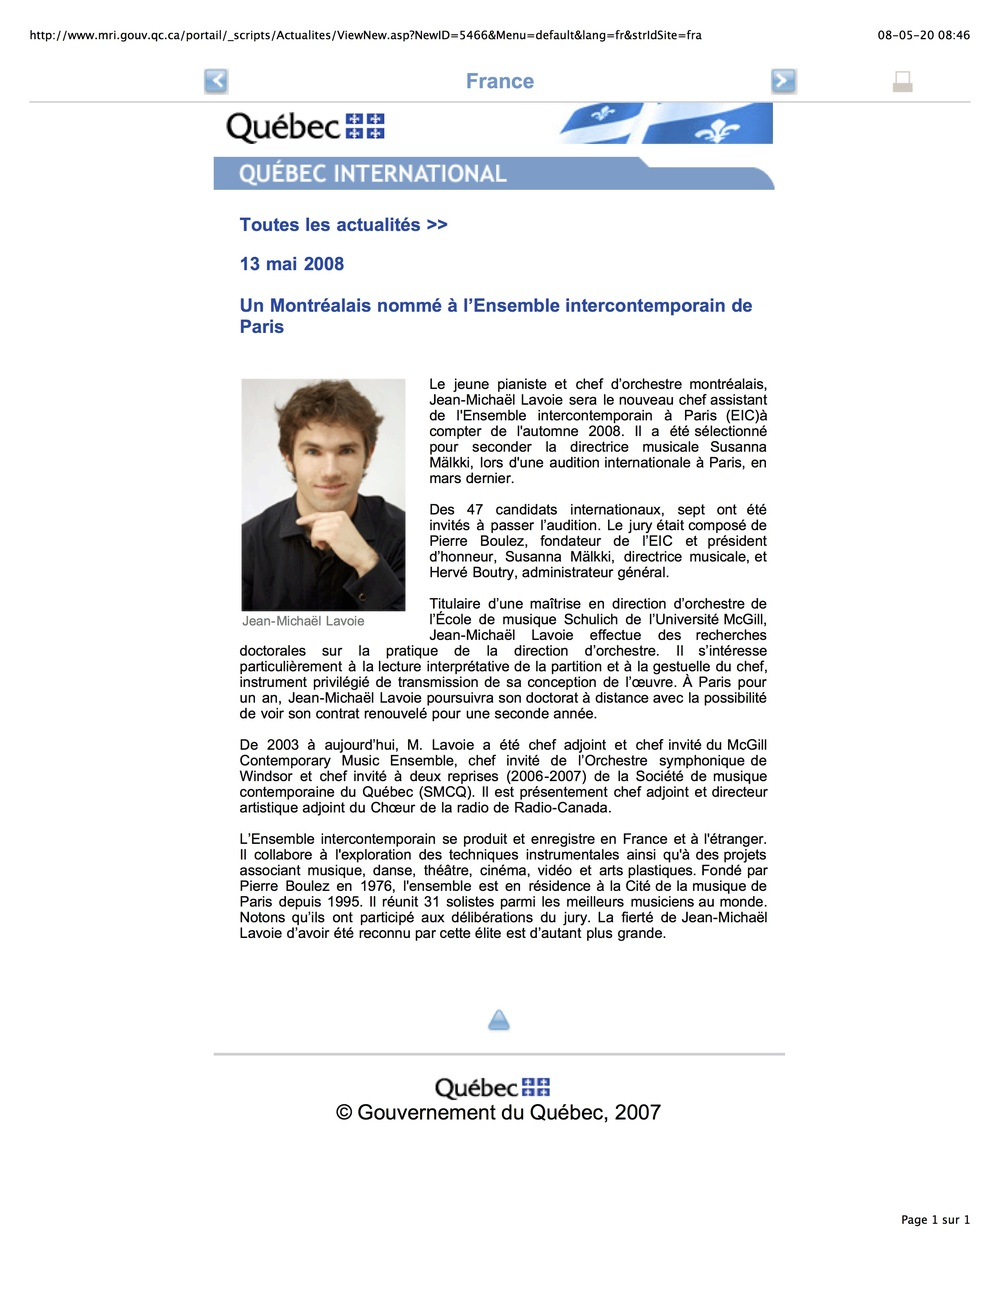 Gouvernement du Québec (2008)